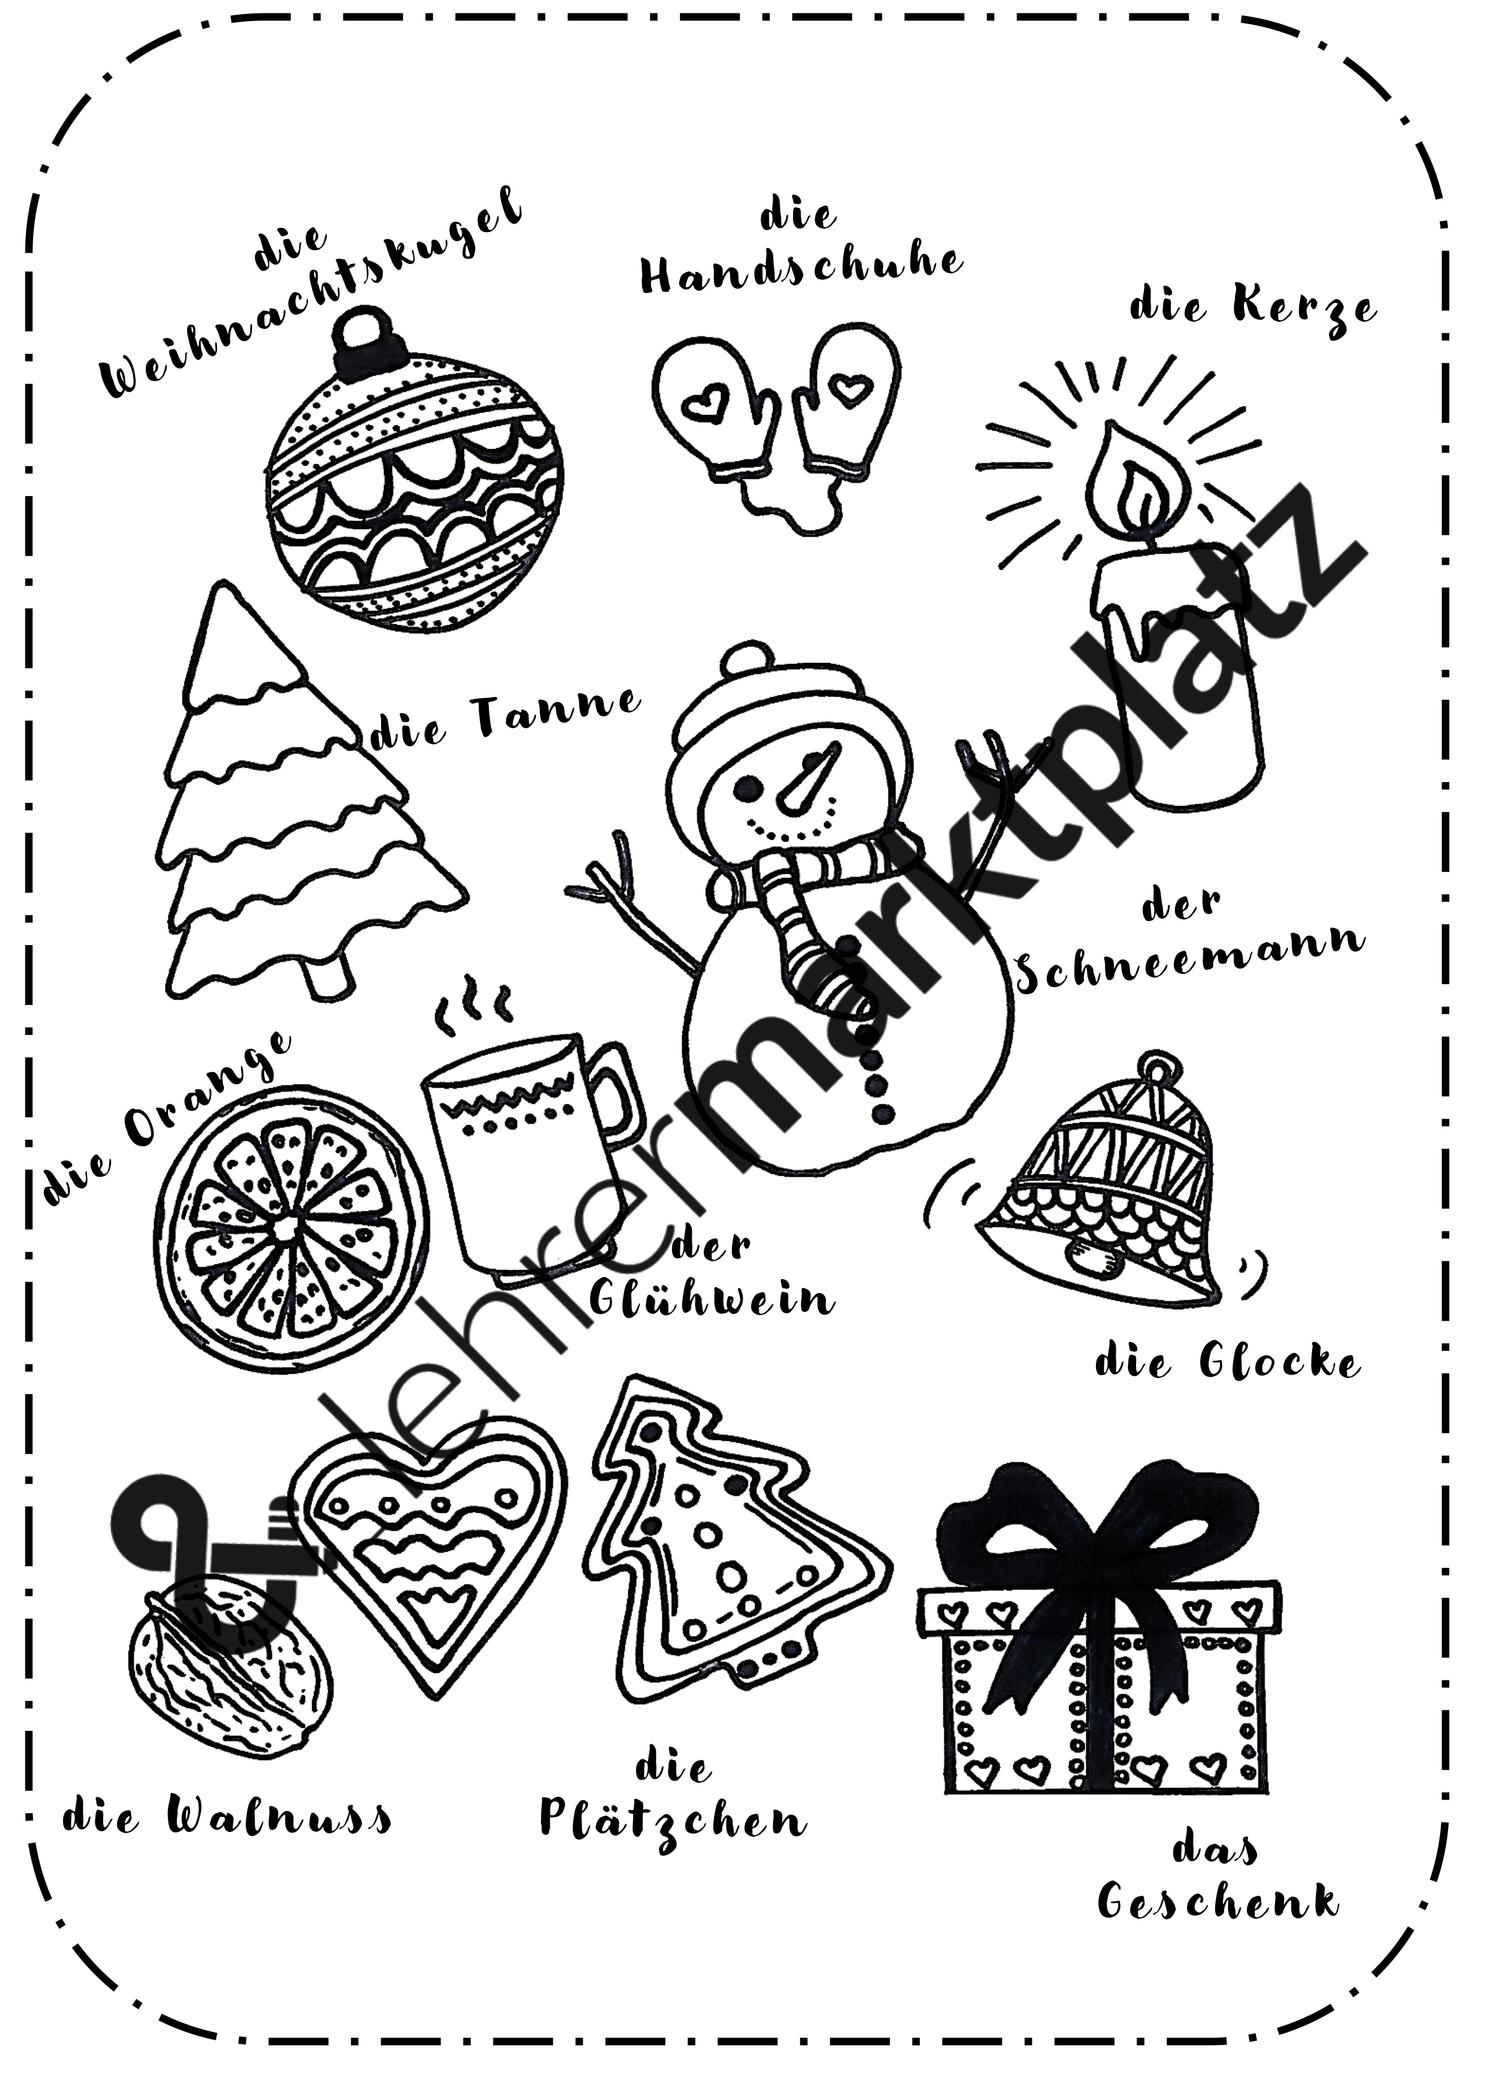 Ausmalbild Weihnachten Unterrichtsmaterial Ausmalbilder Weihnachten Ausmalbild